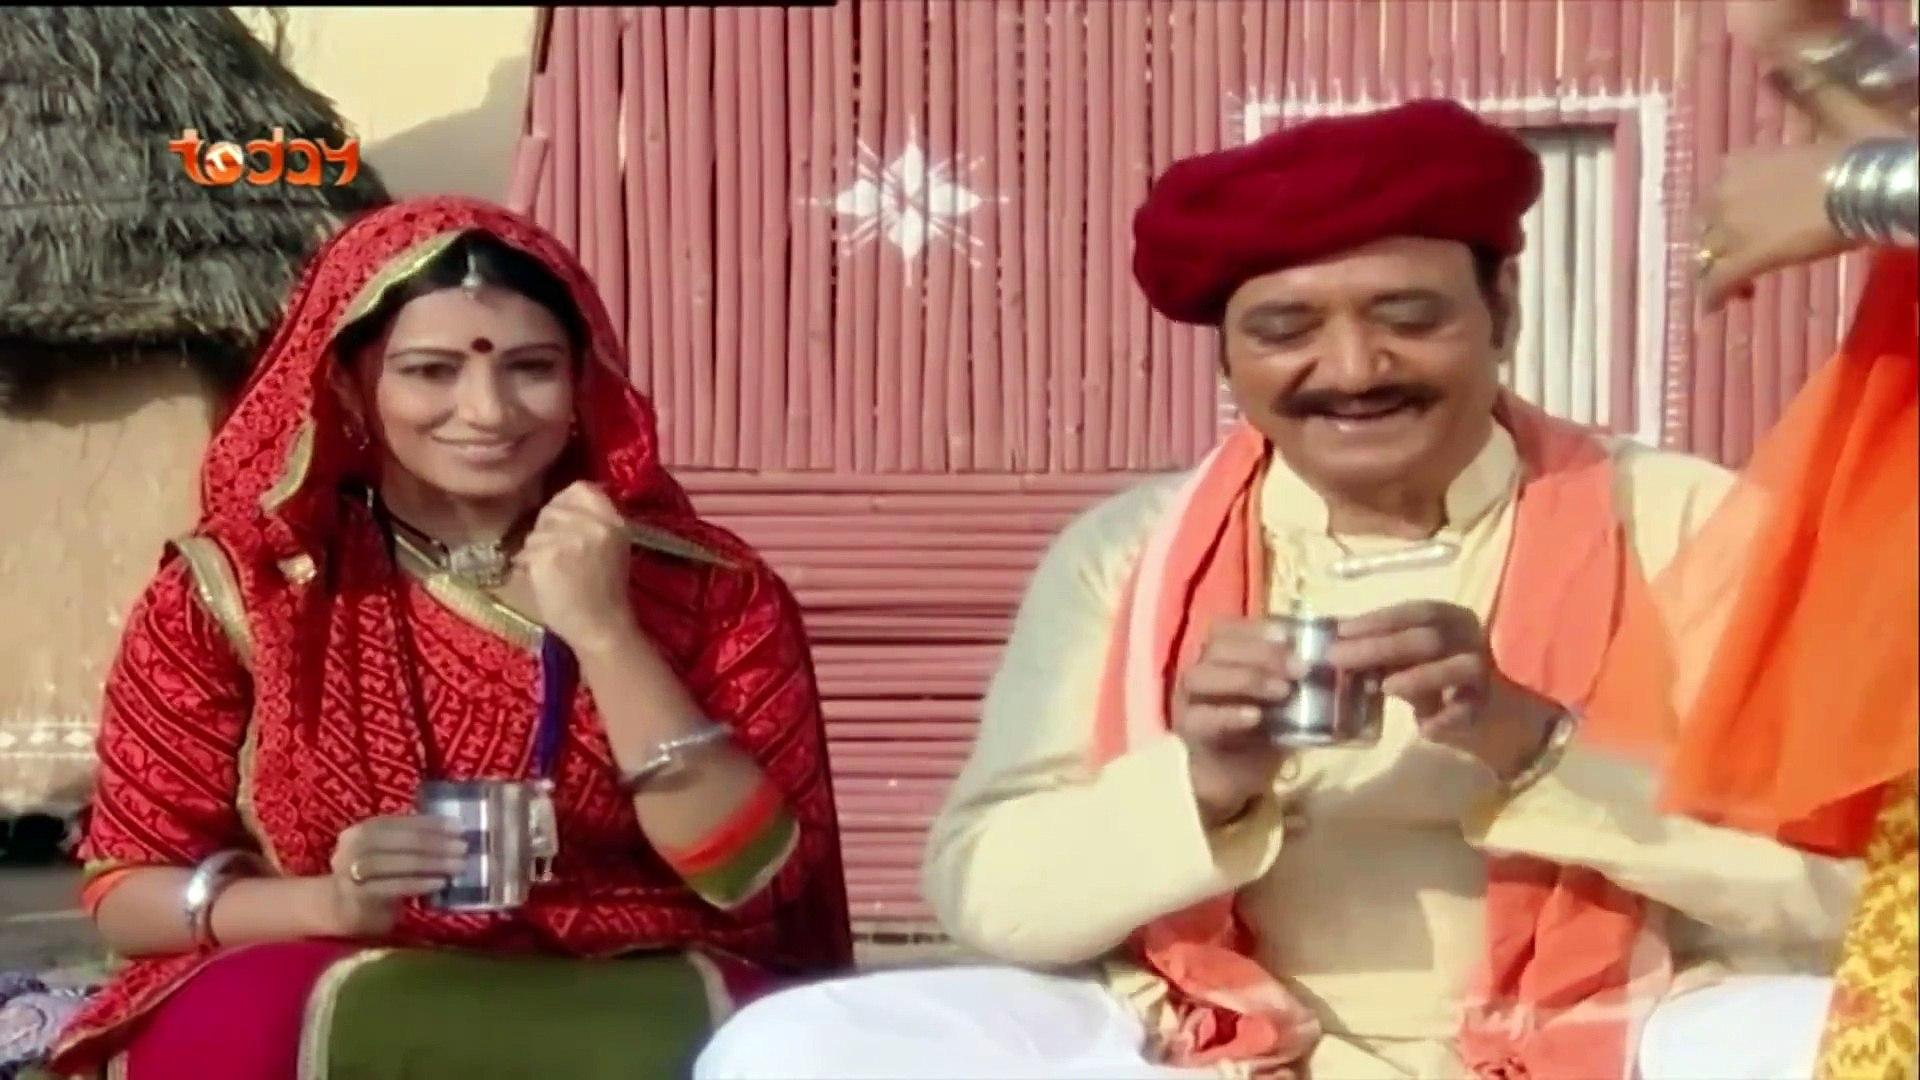 Nỗi Lòng Nàng Dâu (Tập 10 - Phần 2) - Phim Bộ Tình Cảm Ấn Độ Hay 2018 - TodayTV